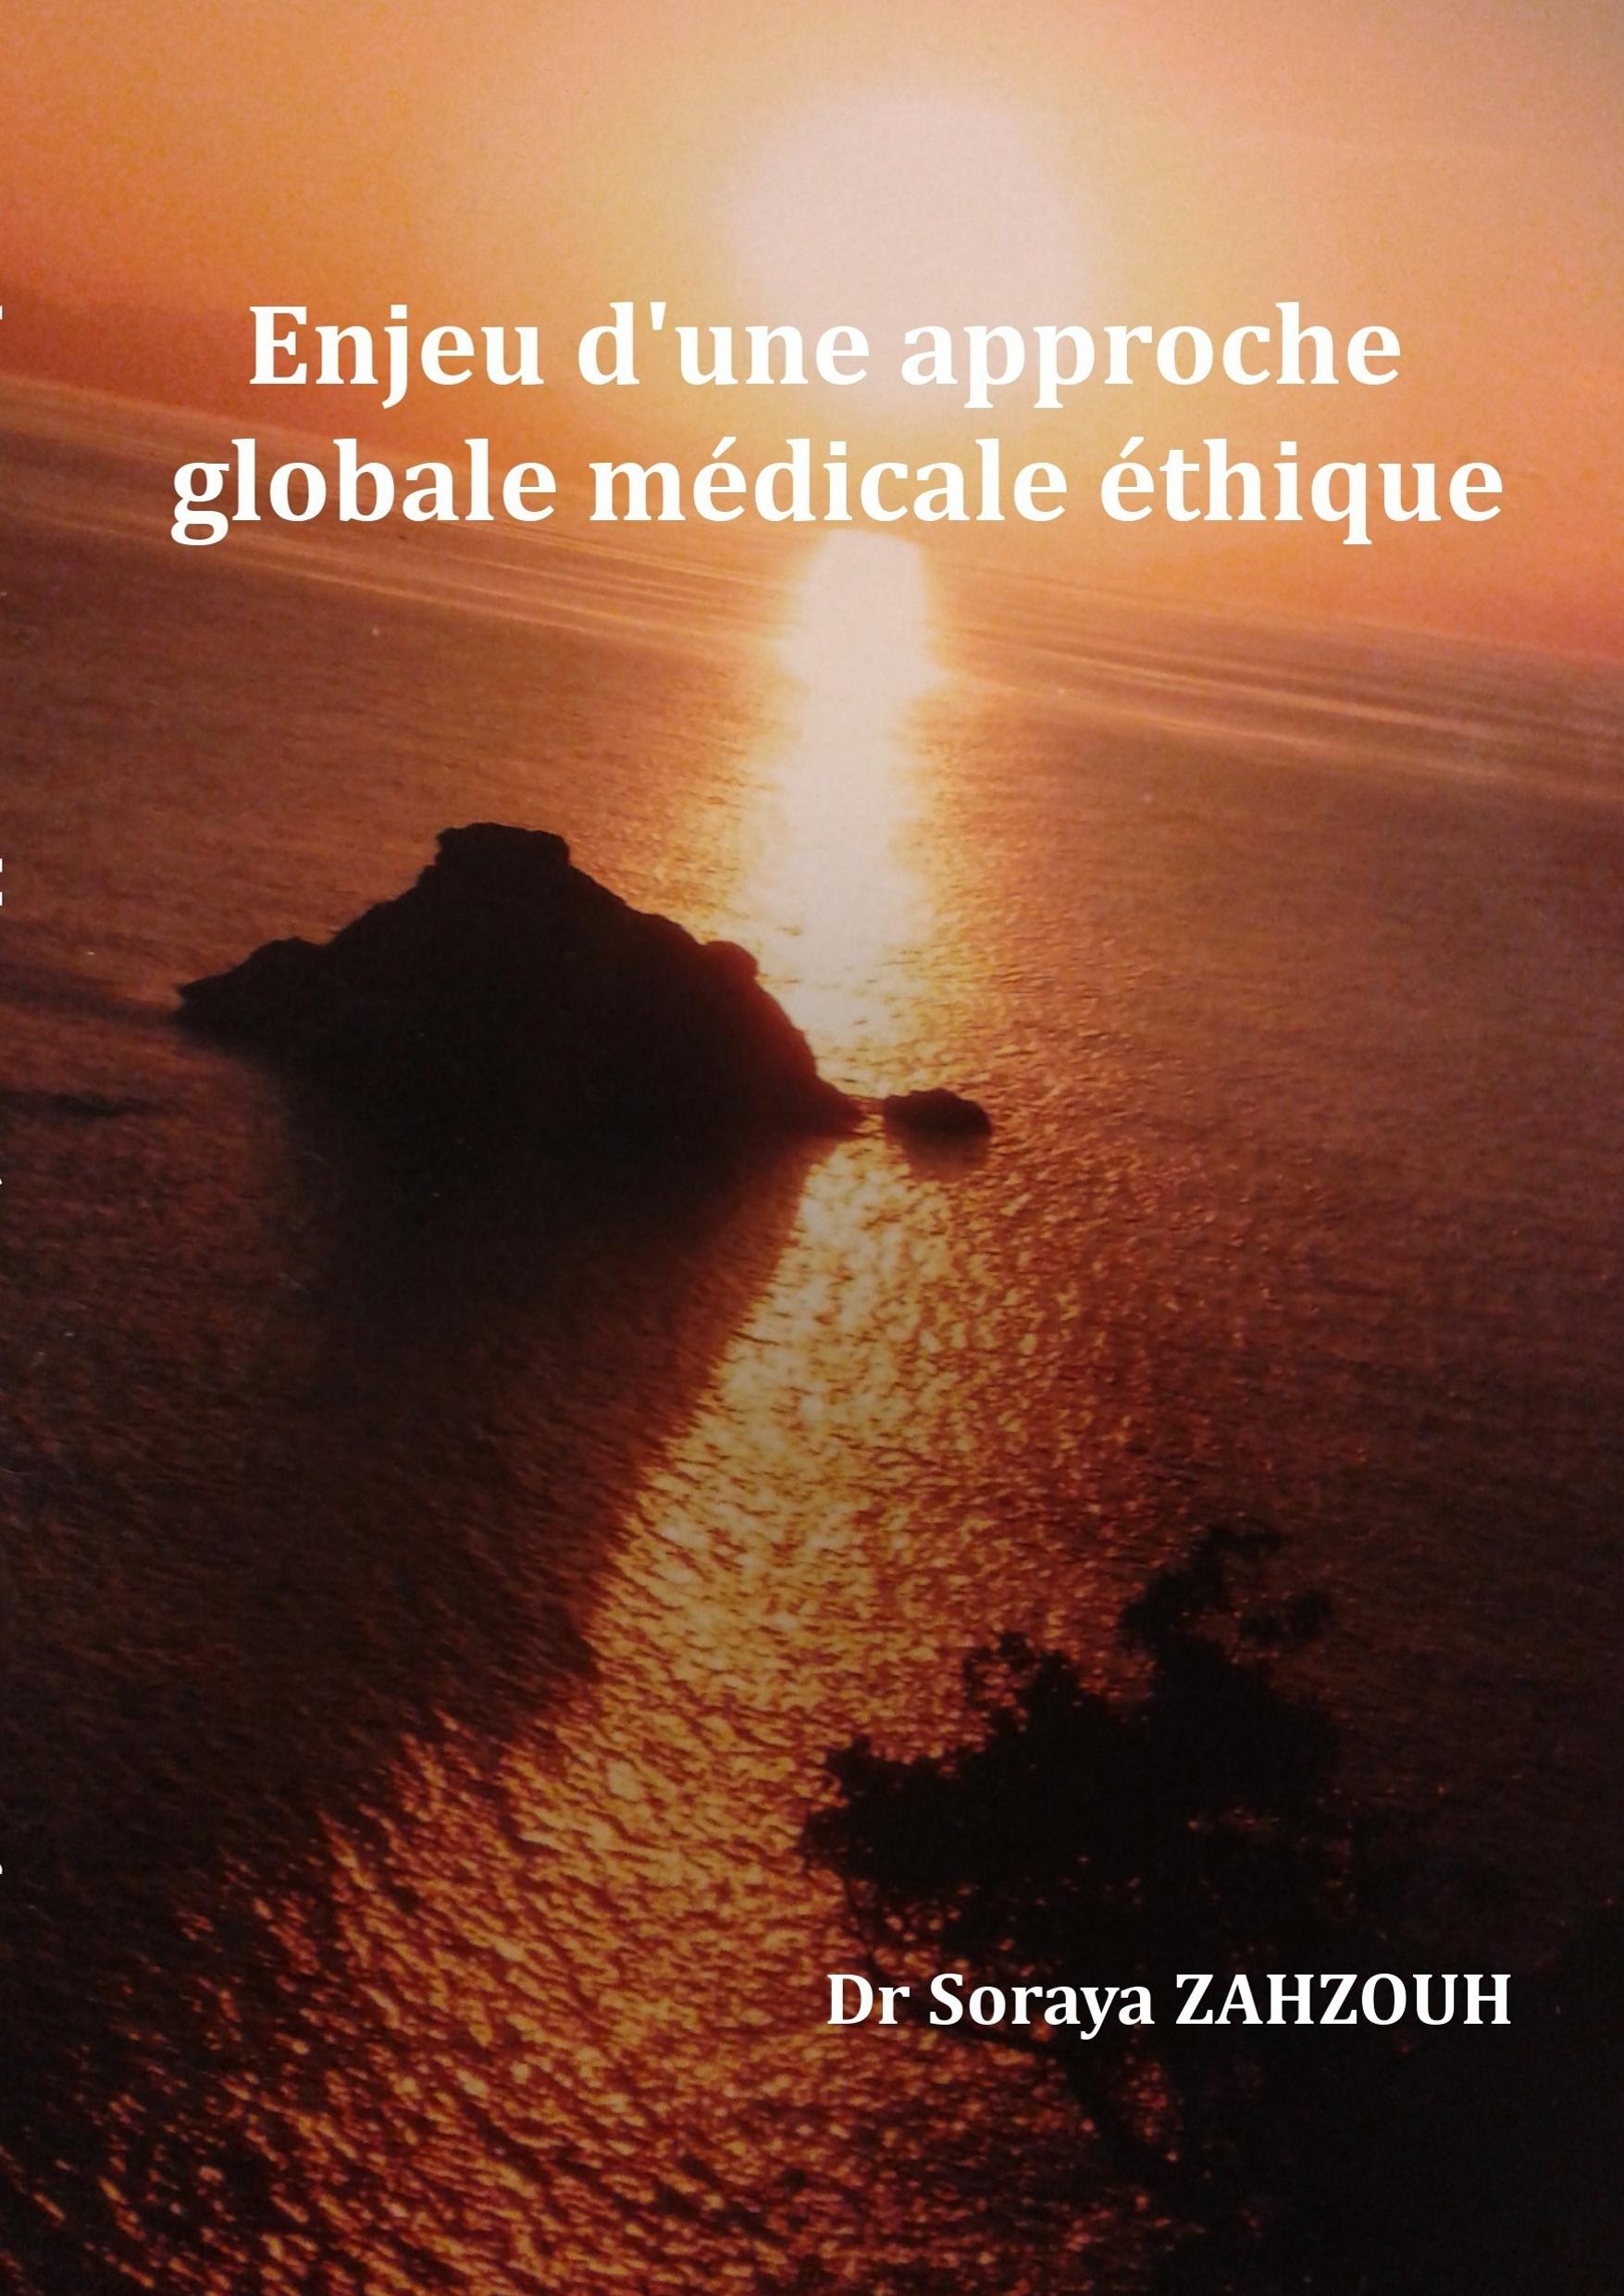 Enjeu d'une approche globale médicale